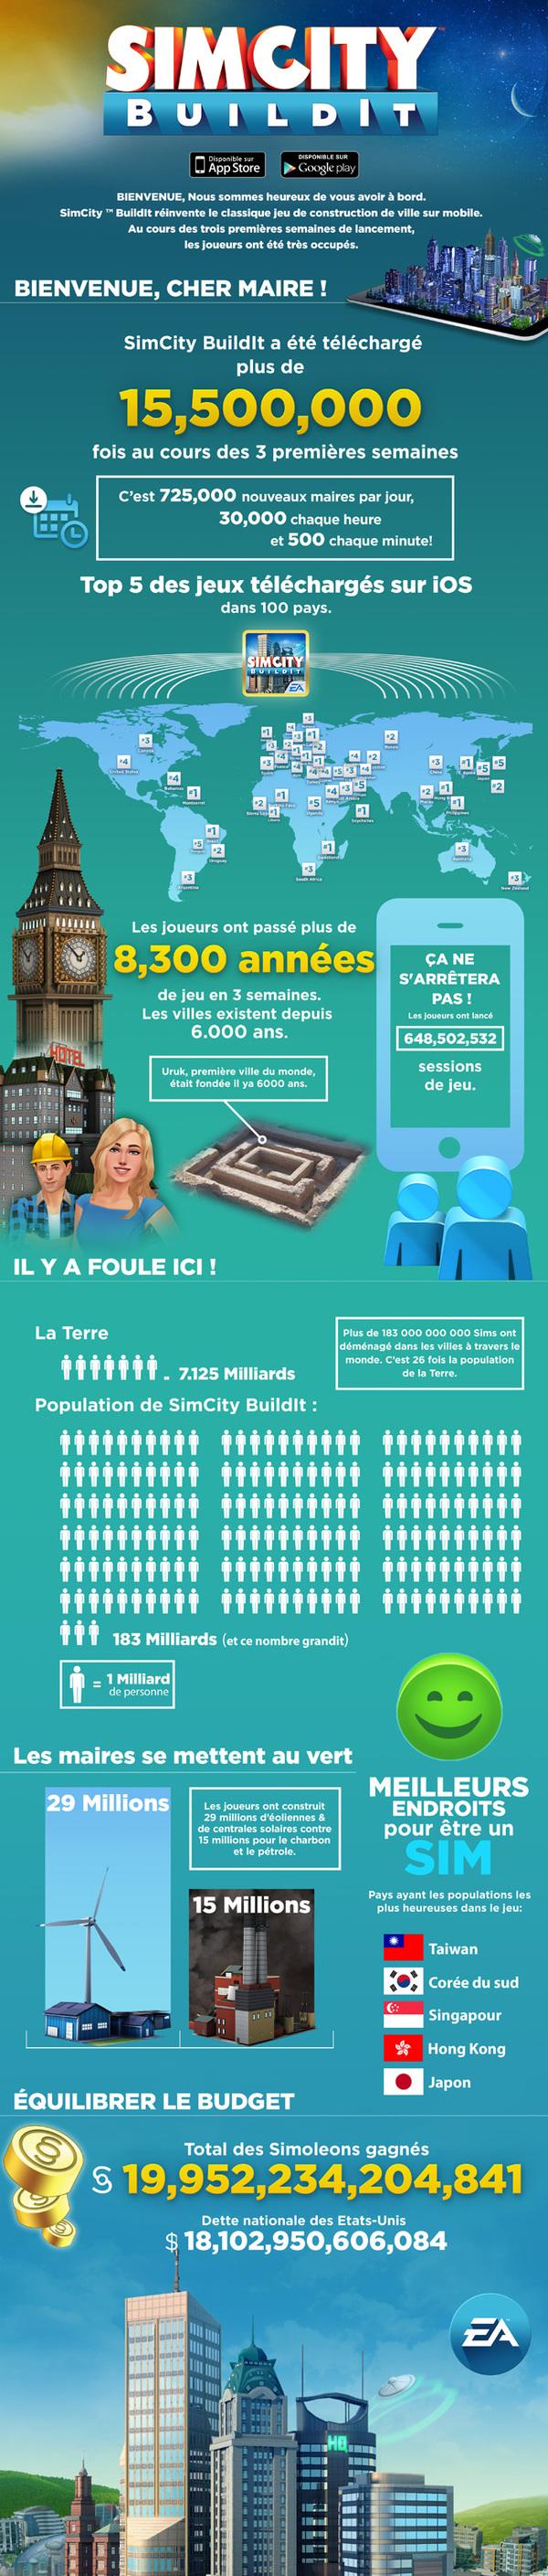 simcity-buildit-15-5-millions-utilisateurs